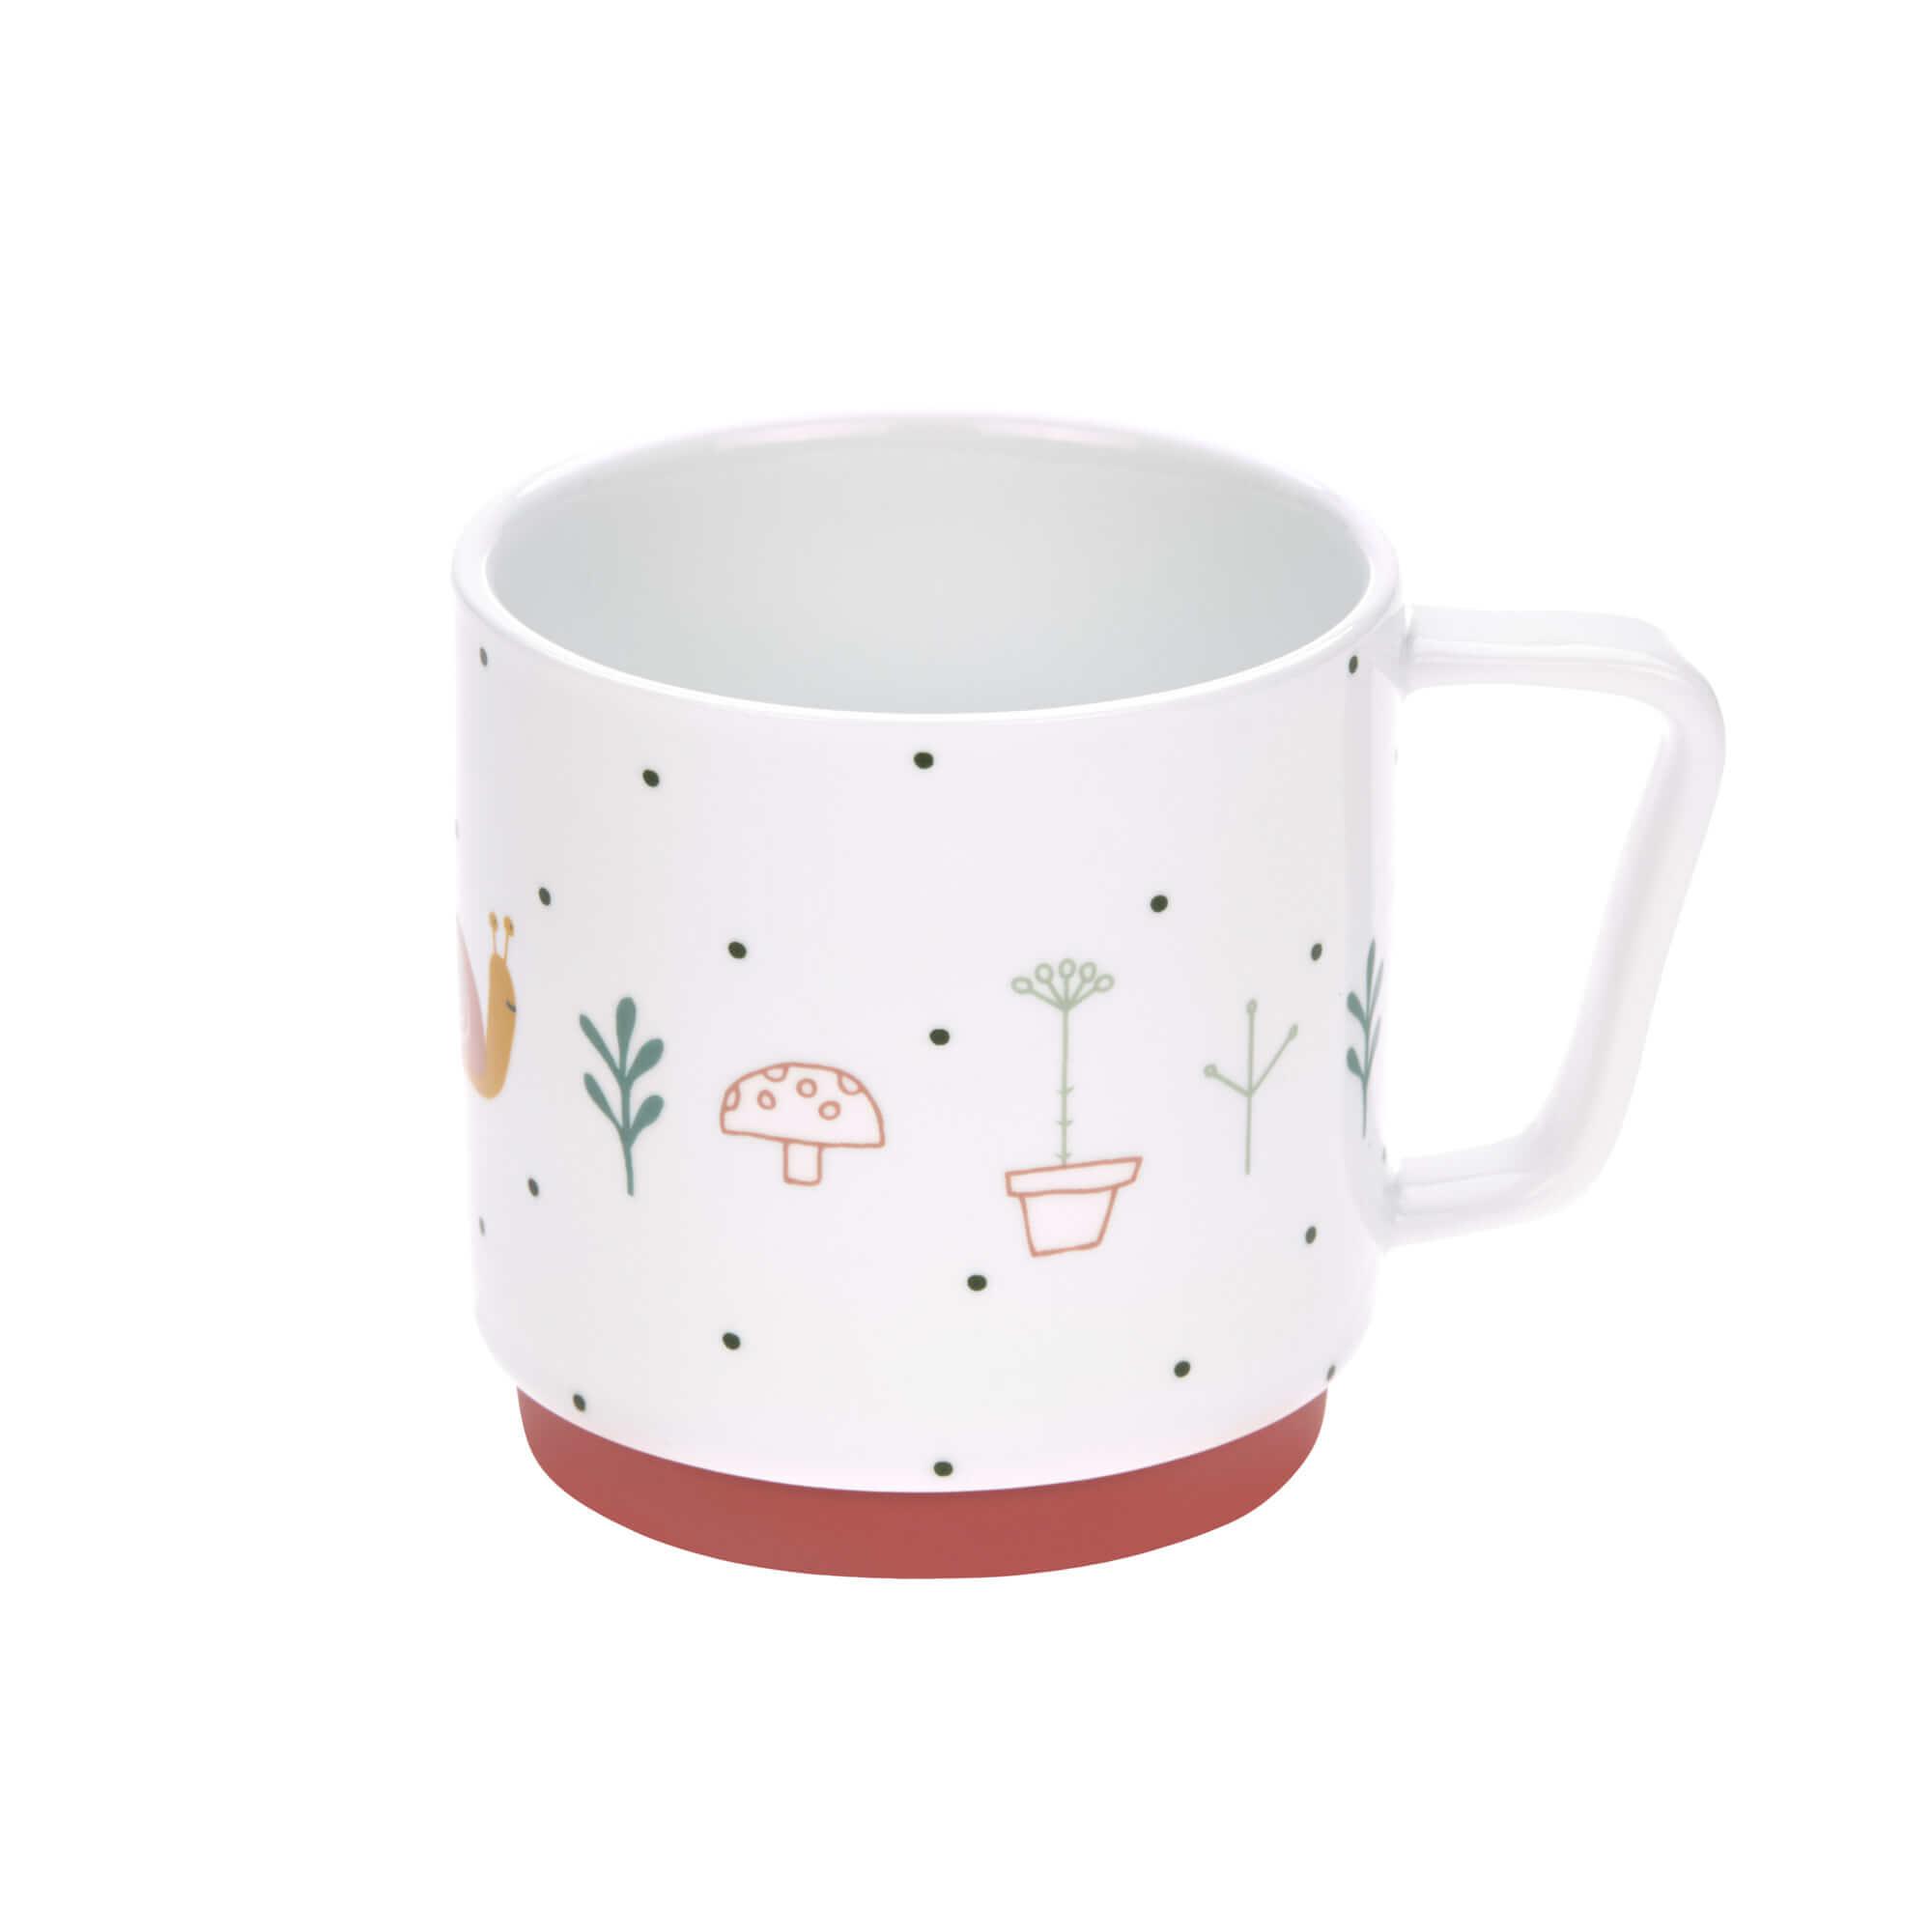 L/ÄSSIG Tasse en Porcelaine Little Chums Souris 1210040725